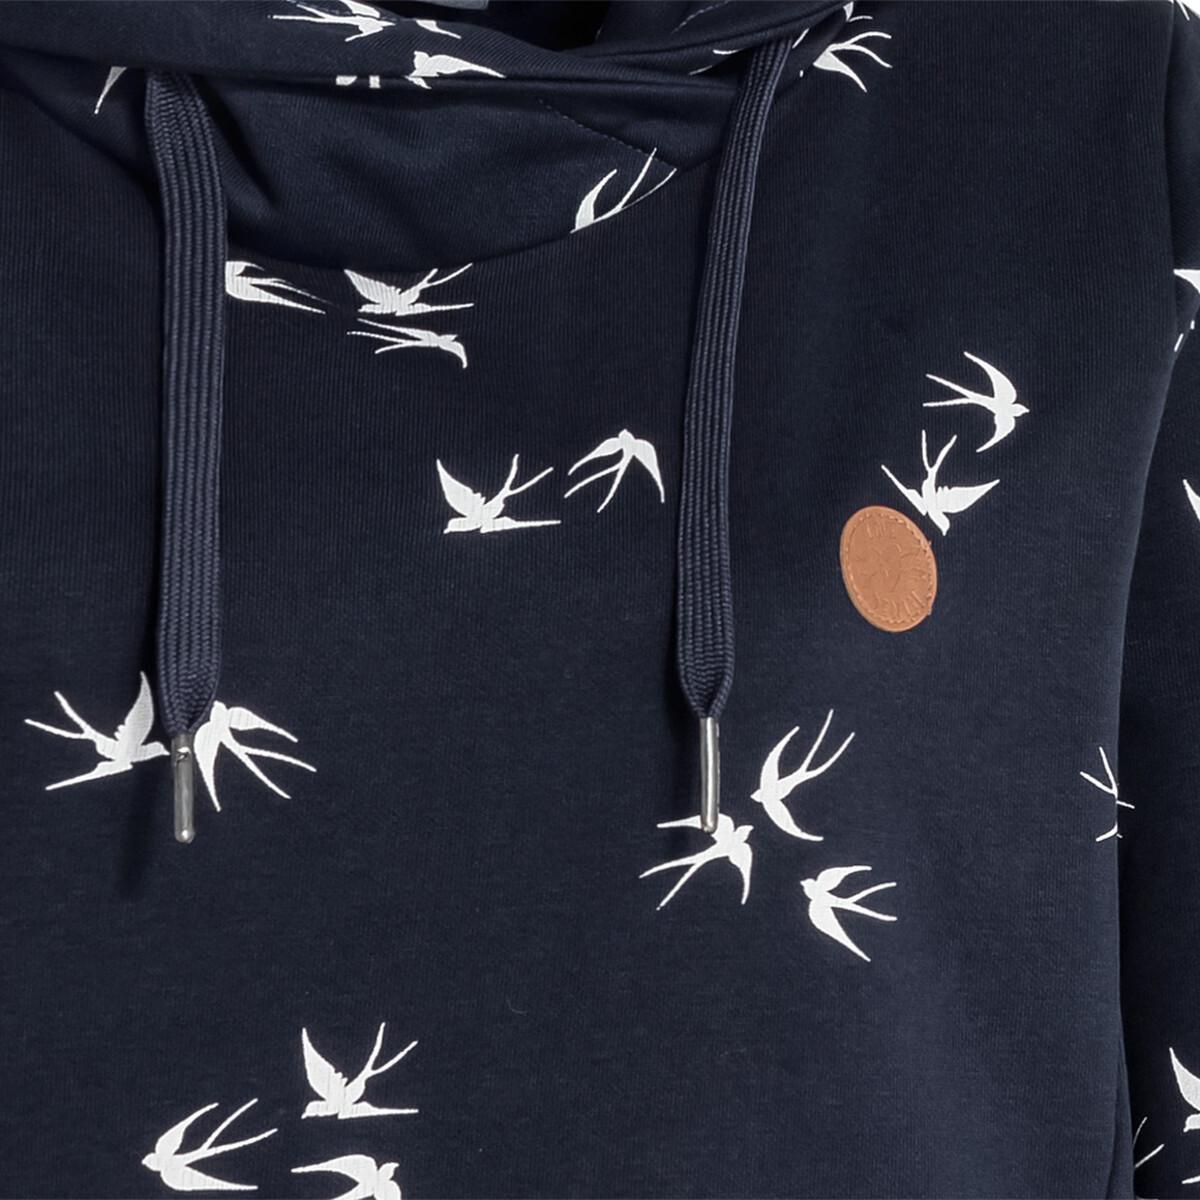 Bild 3 von Damen Sweatshirt mit Schwalben-Allover